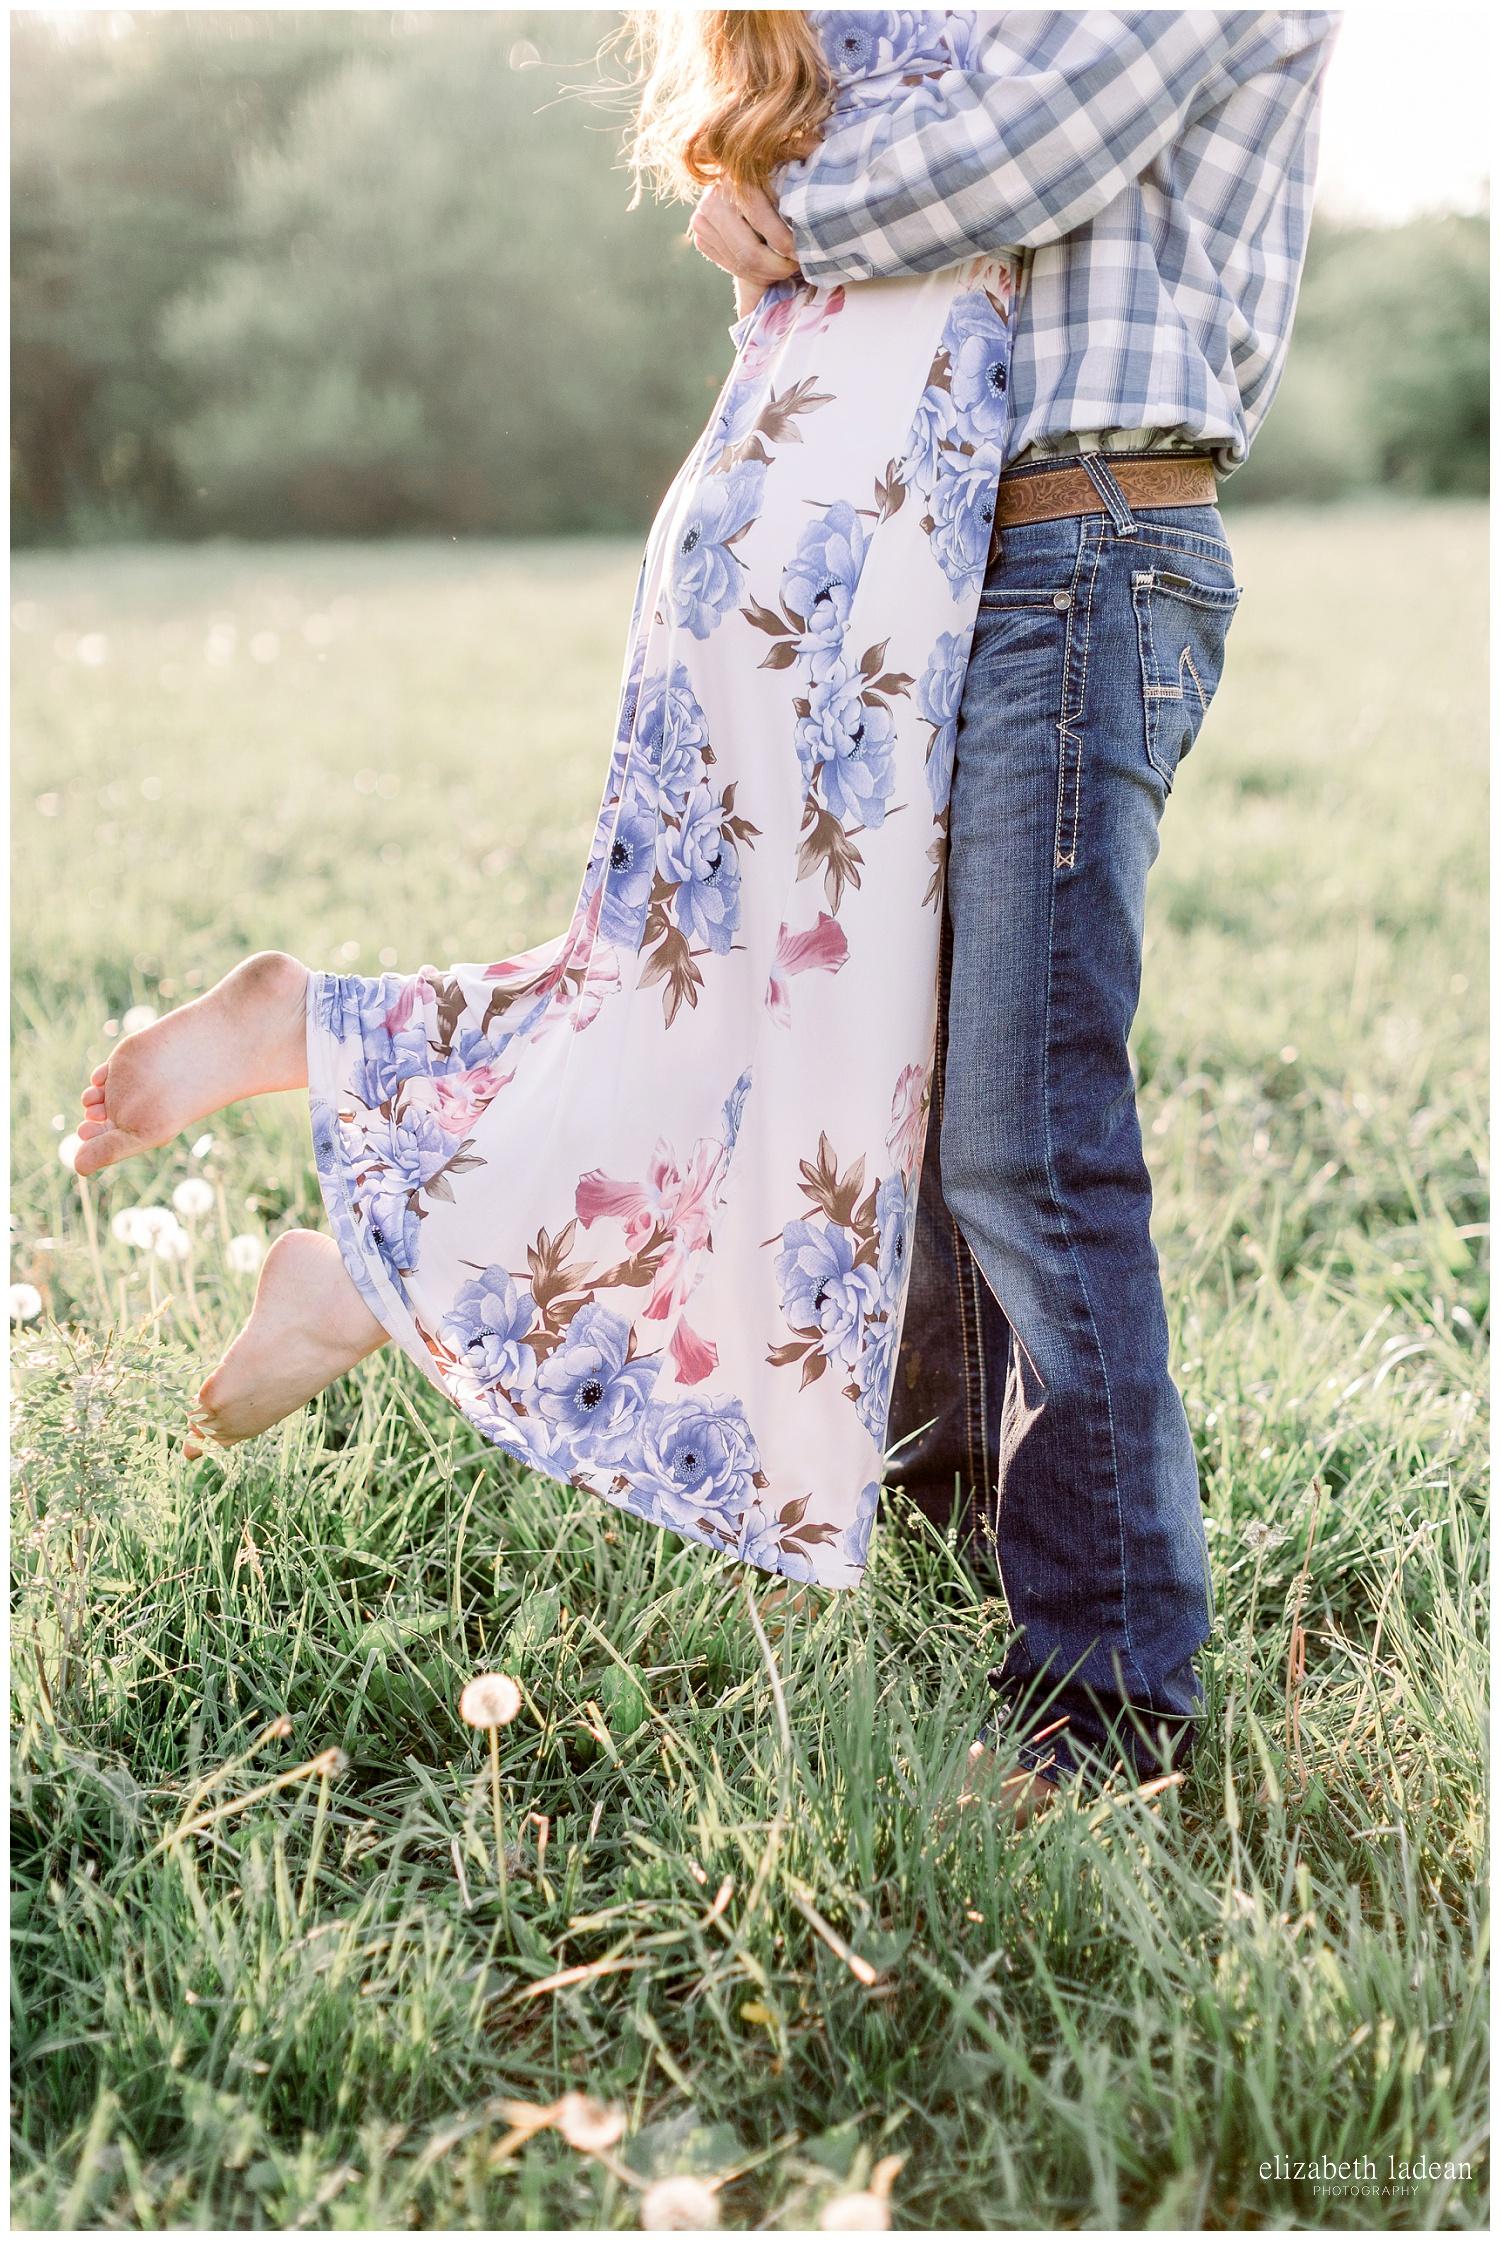 KC-Engagement-photographer-Farm-engagement-T+J-elizabeth-ladean-photography-photo-_7353.jpg